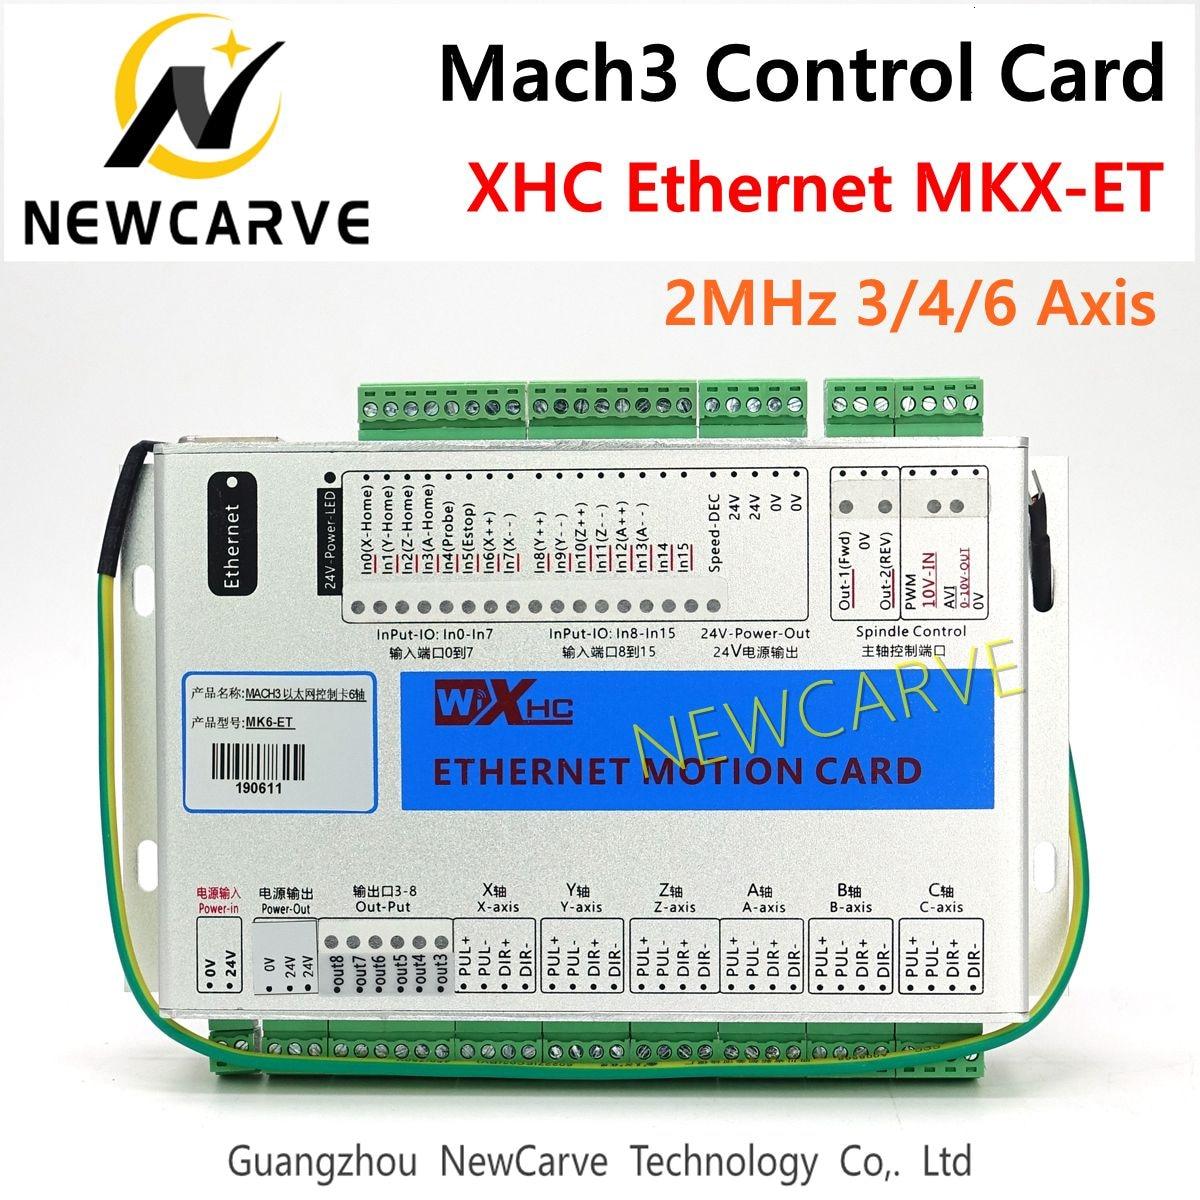 4-Achse Wired MPG Anhänger Handrad Controller für Mach3 CNC Drehmaschine DE